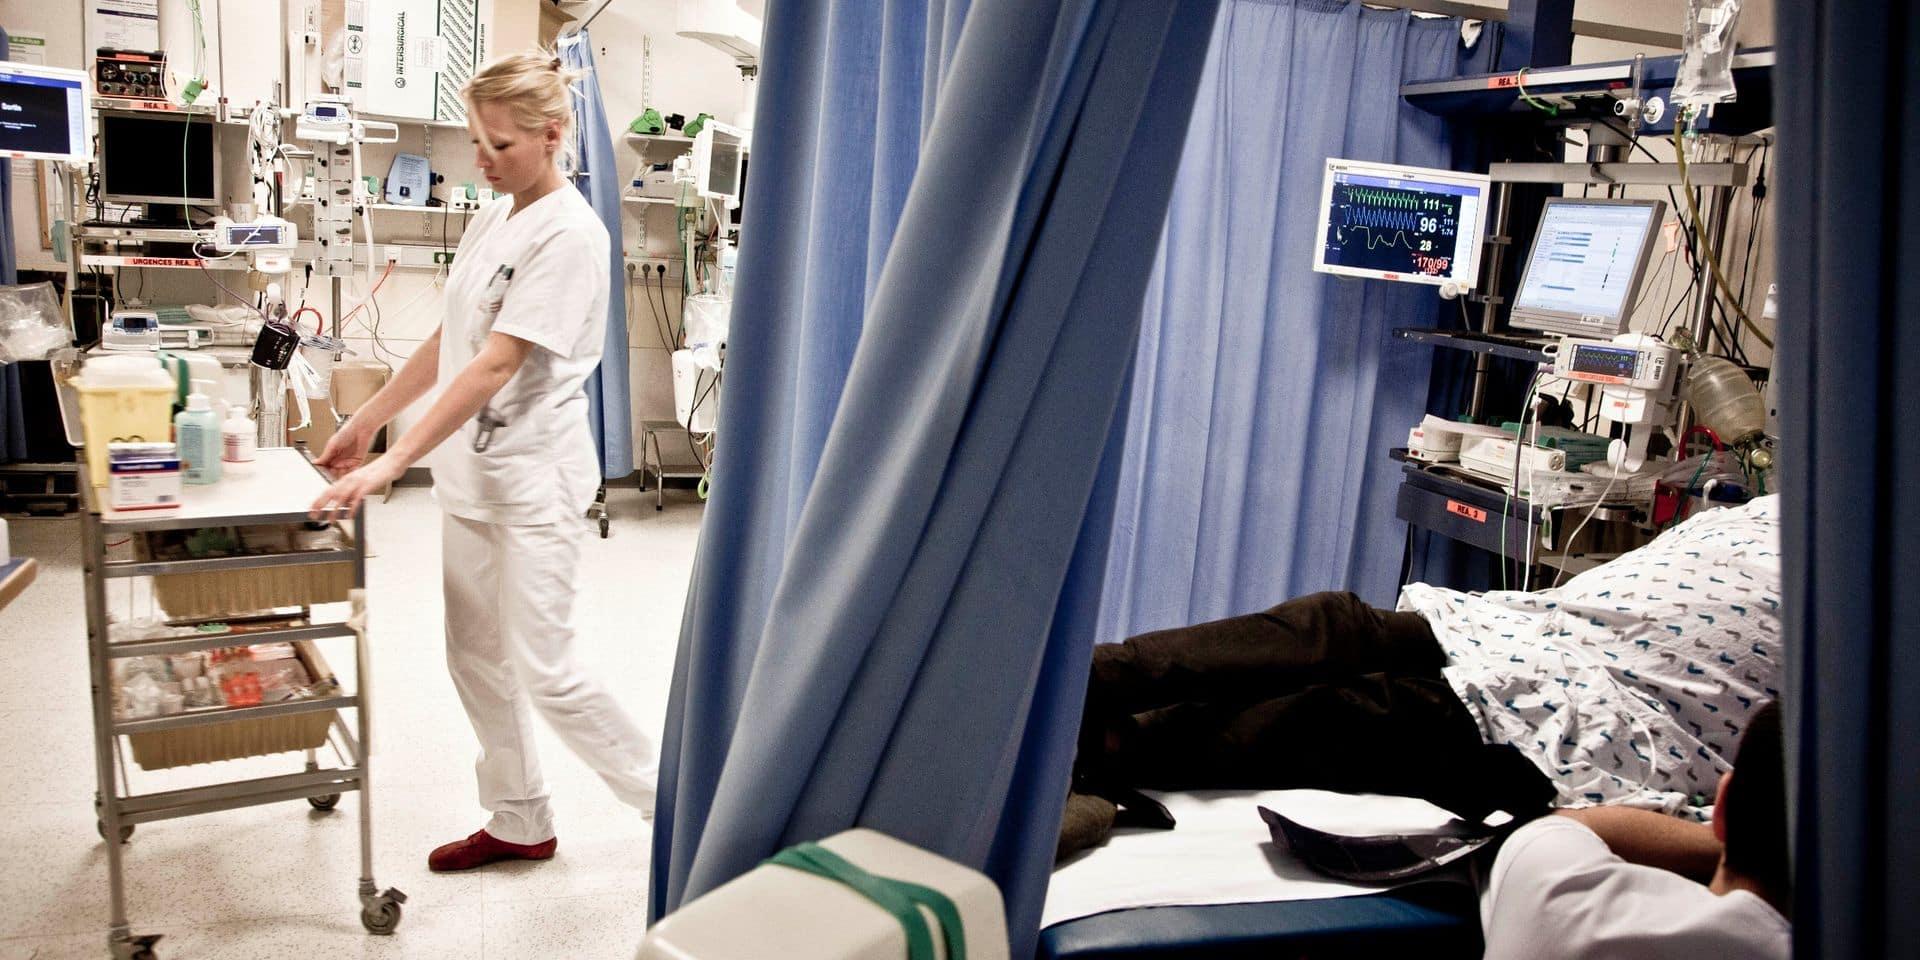 Une personne sur cinq a reporté des soins médicaux à cause du coronavirus en Belgique